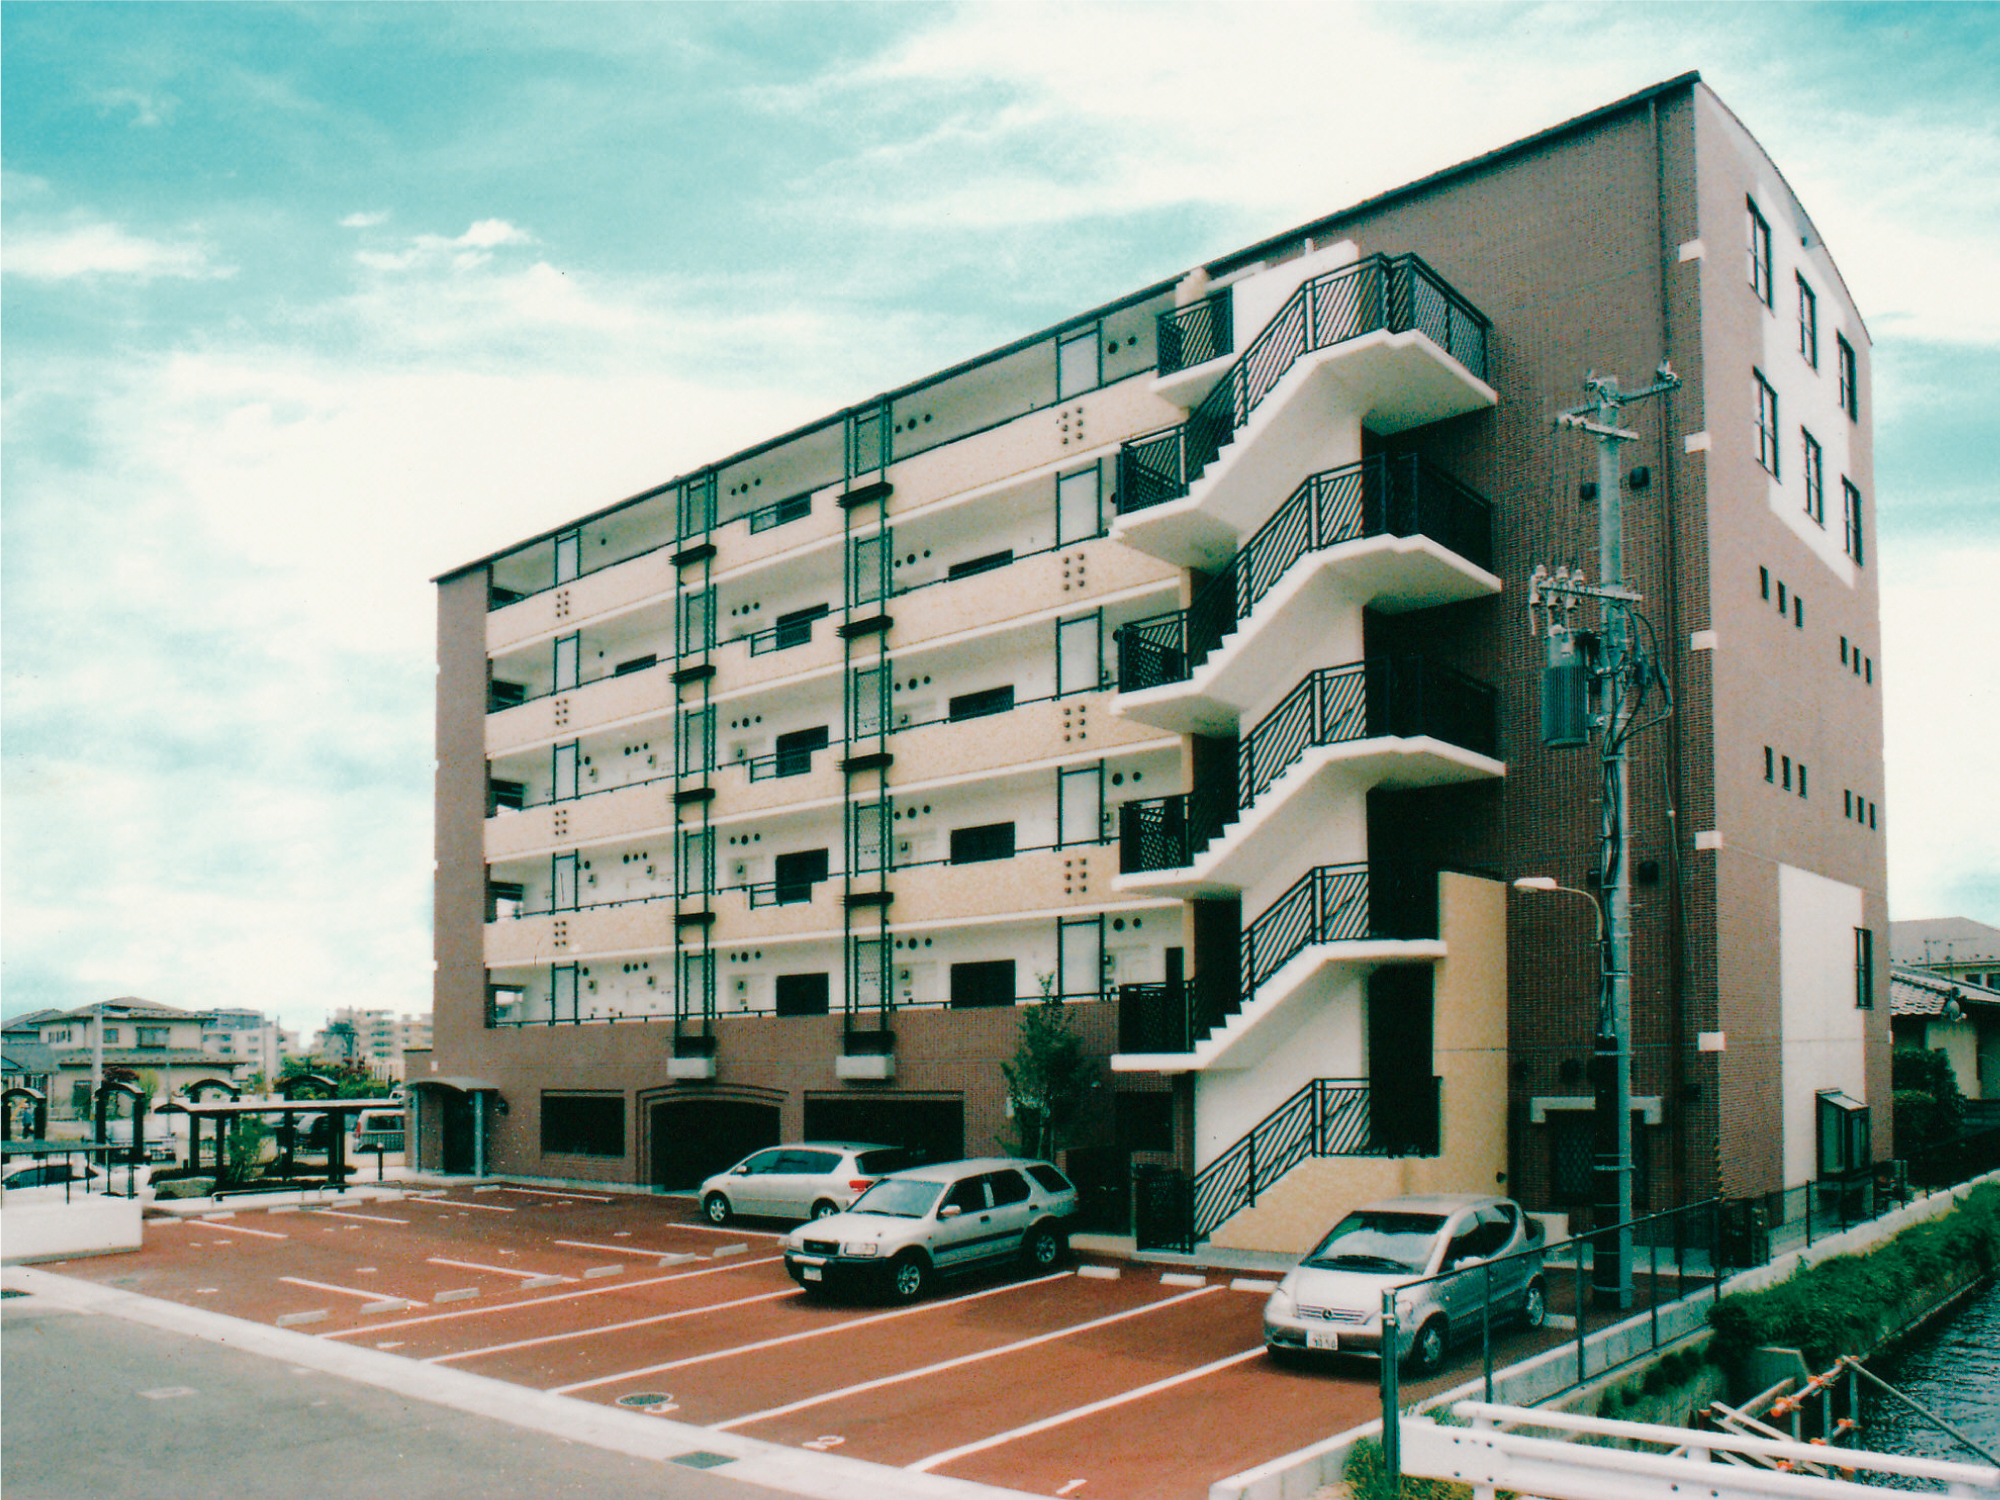 マンション/共同住宅設計